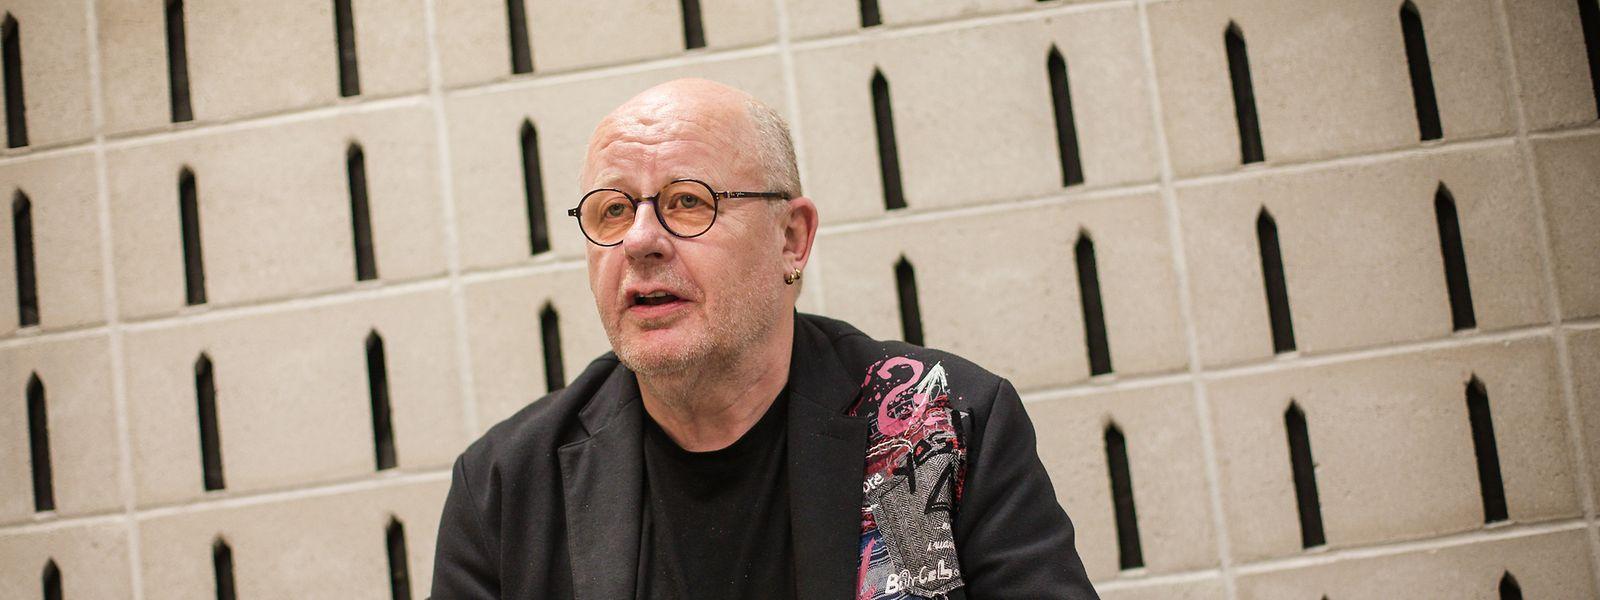 Gast Waltzing gibt seit 1982 Trompetenkurse im hauptstädtischen Konservatorium.